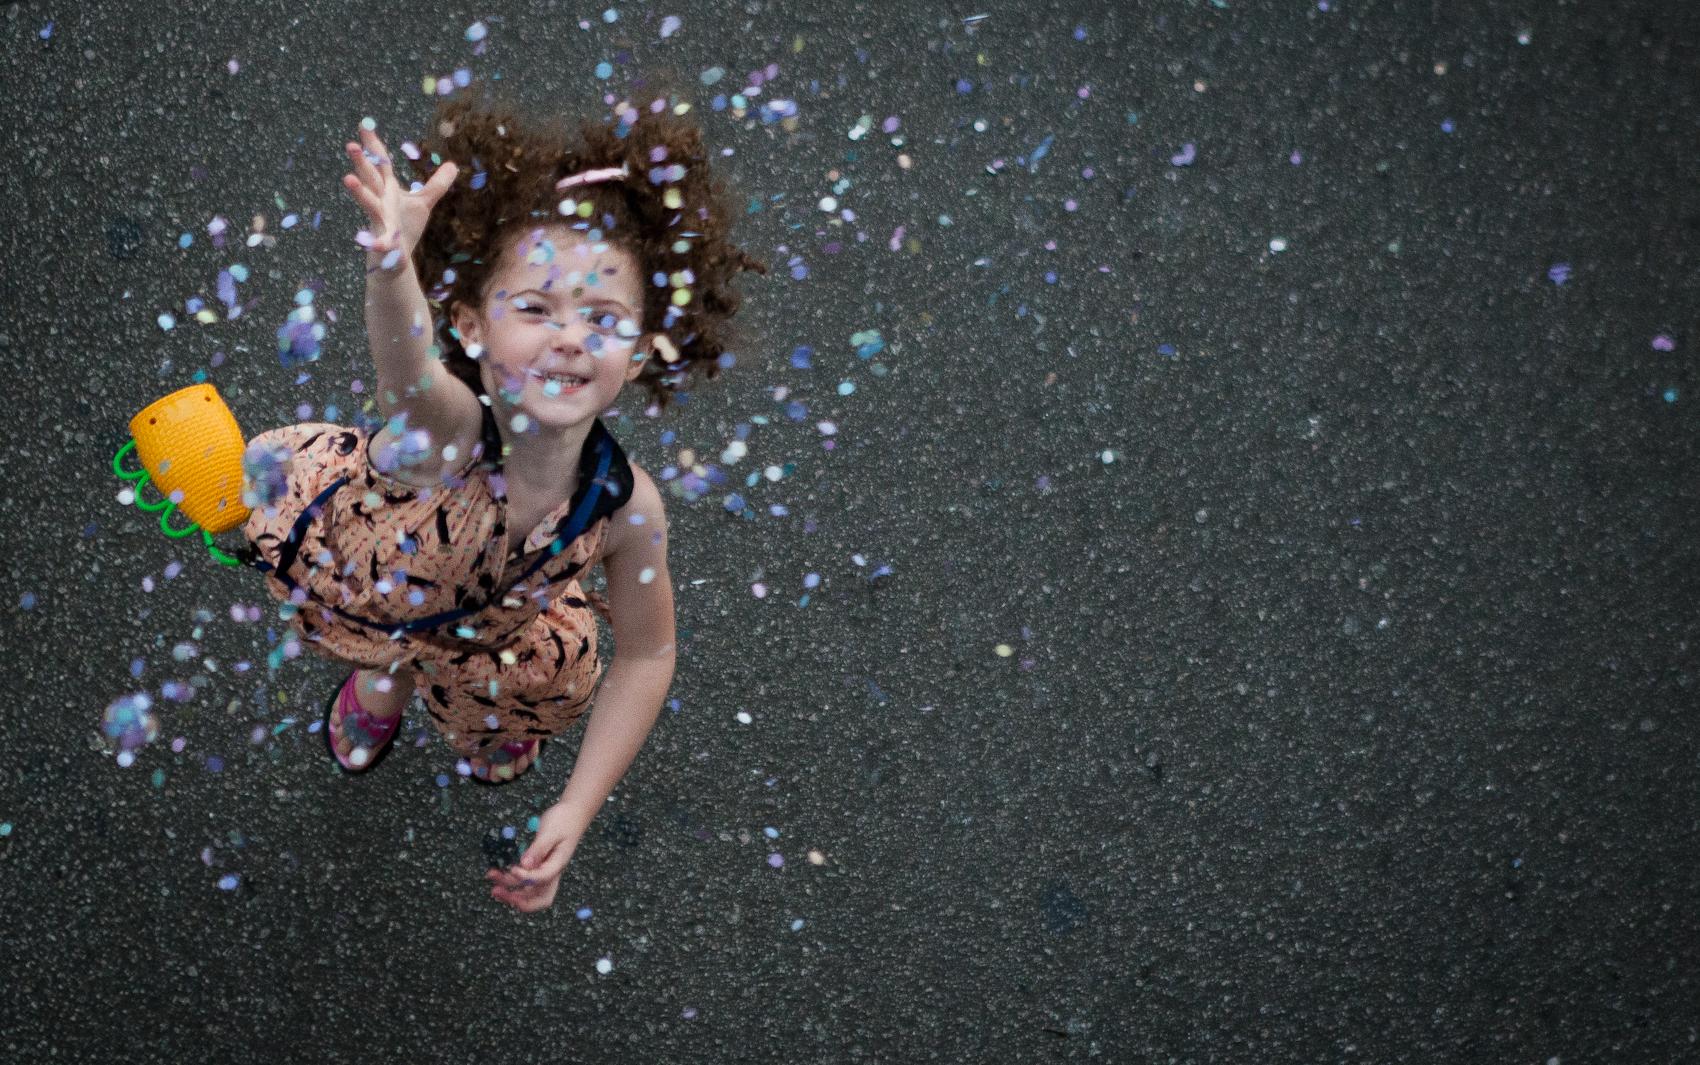 Garota se diverte no bloco Gueri-Gueri em São Paulo